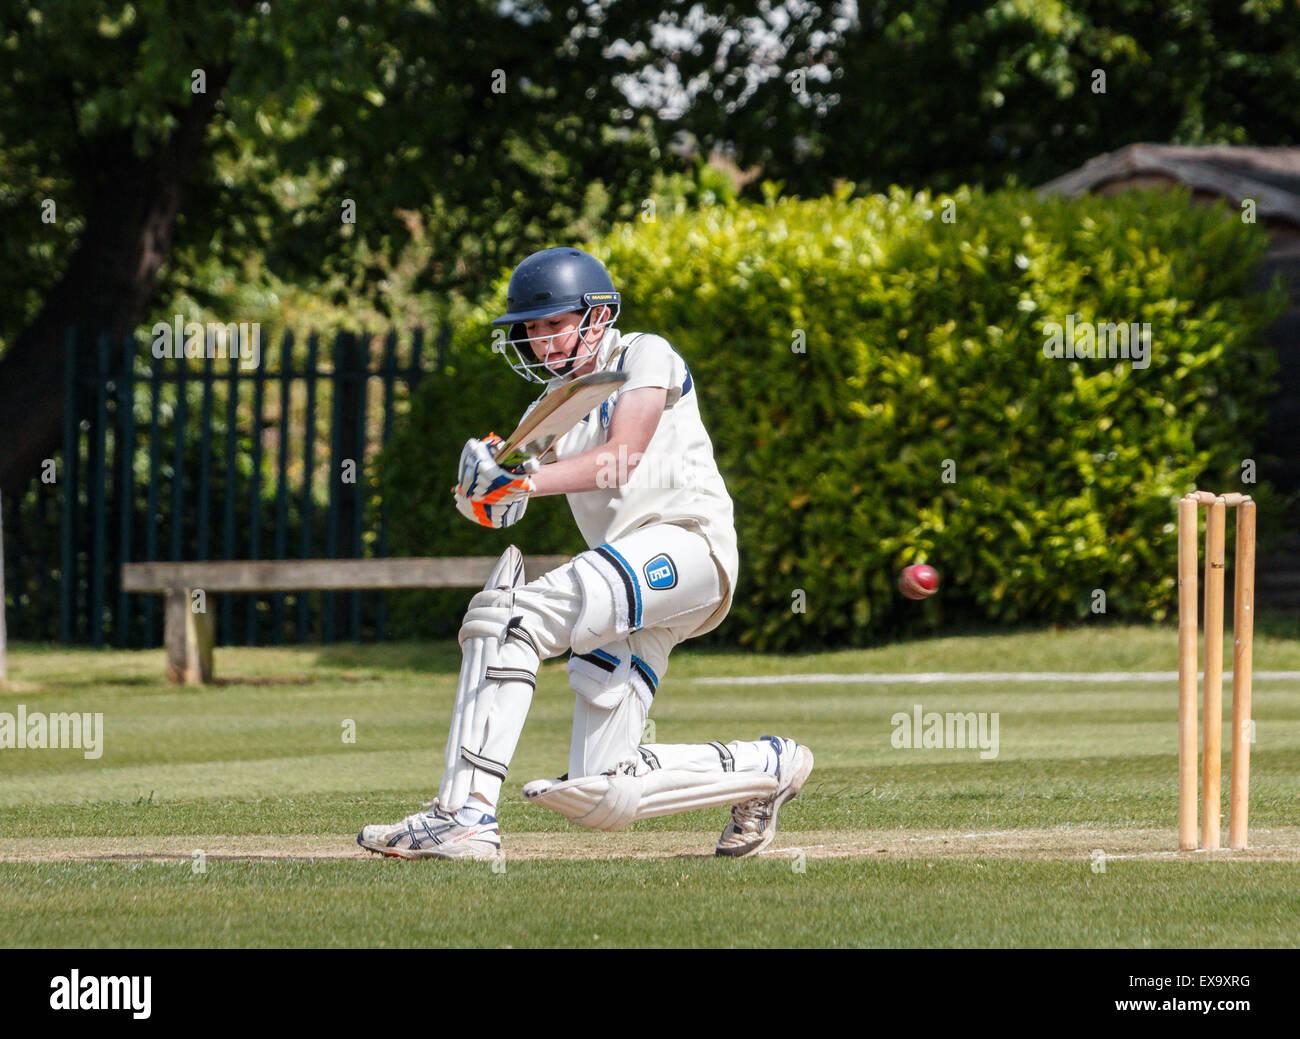 Un jeune batteur joue un coup de bâton alors que pendant un match de cricket de l'école. Il porte Photo Stock